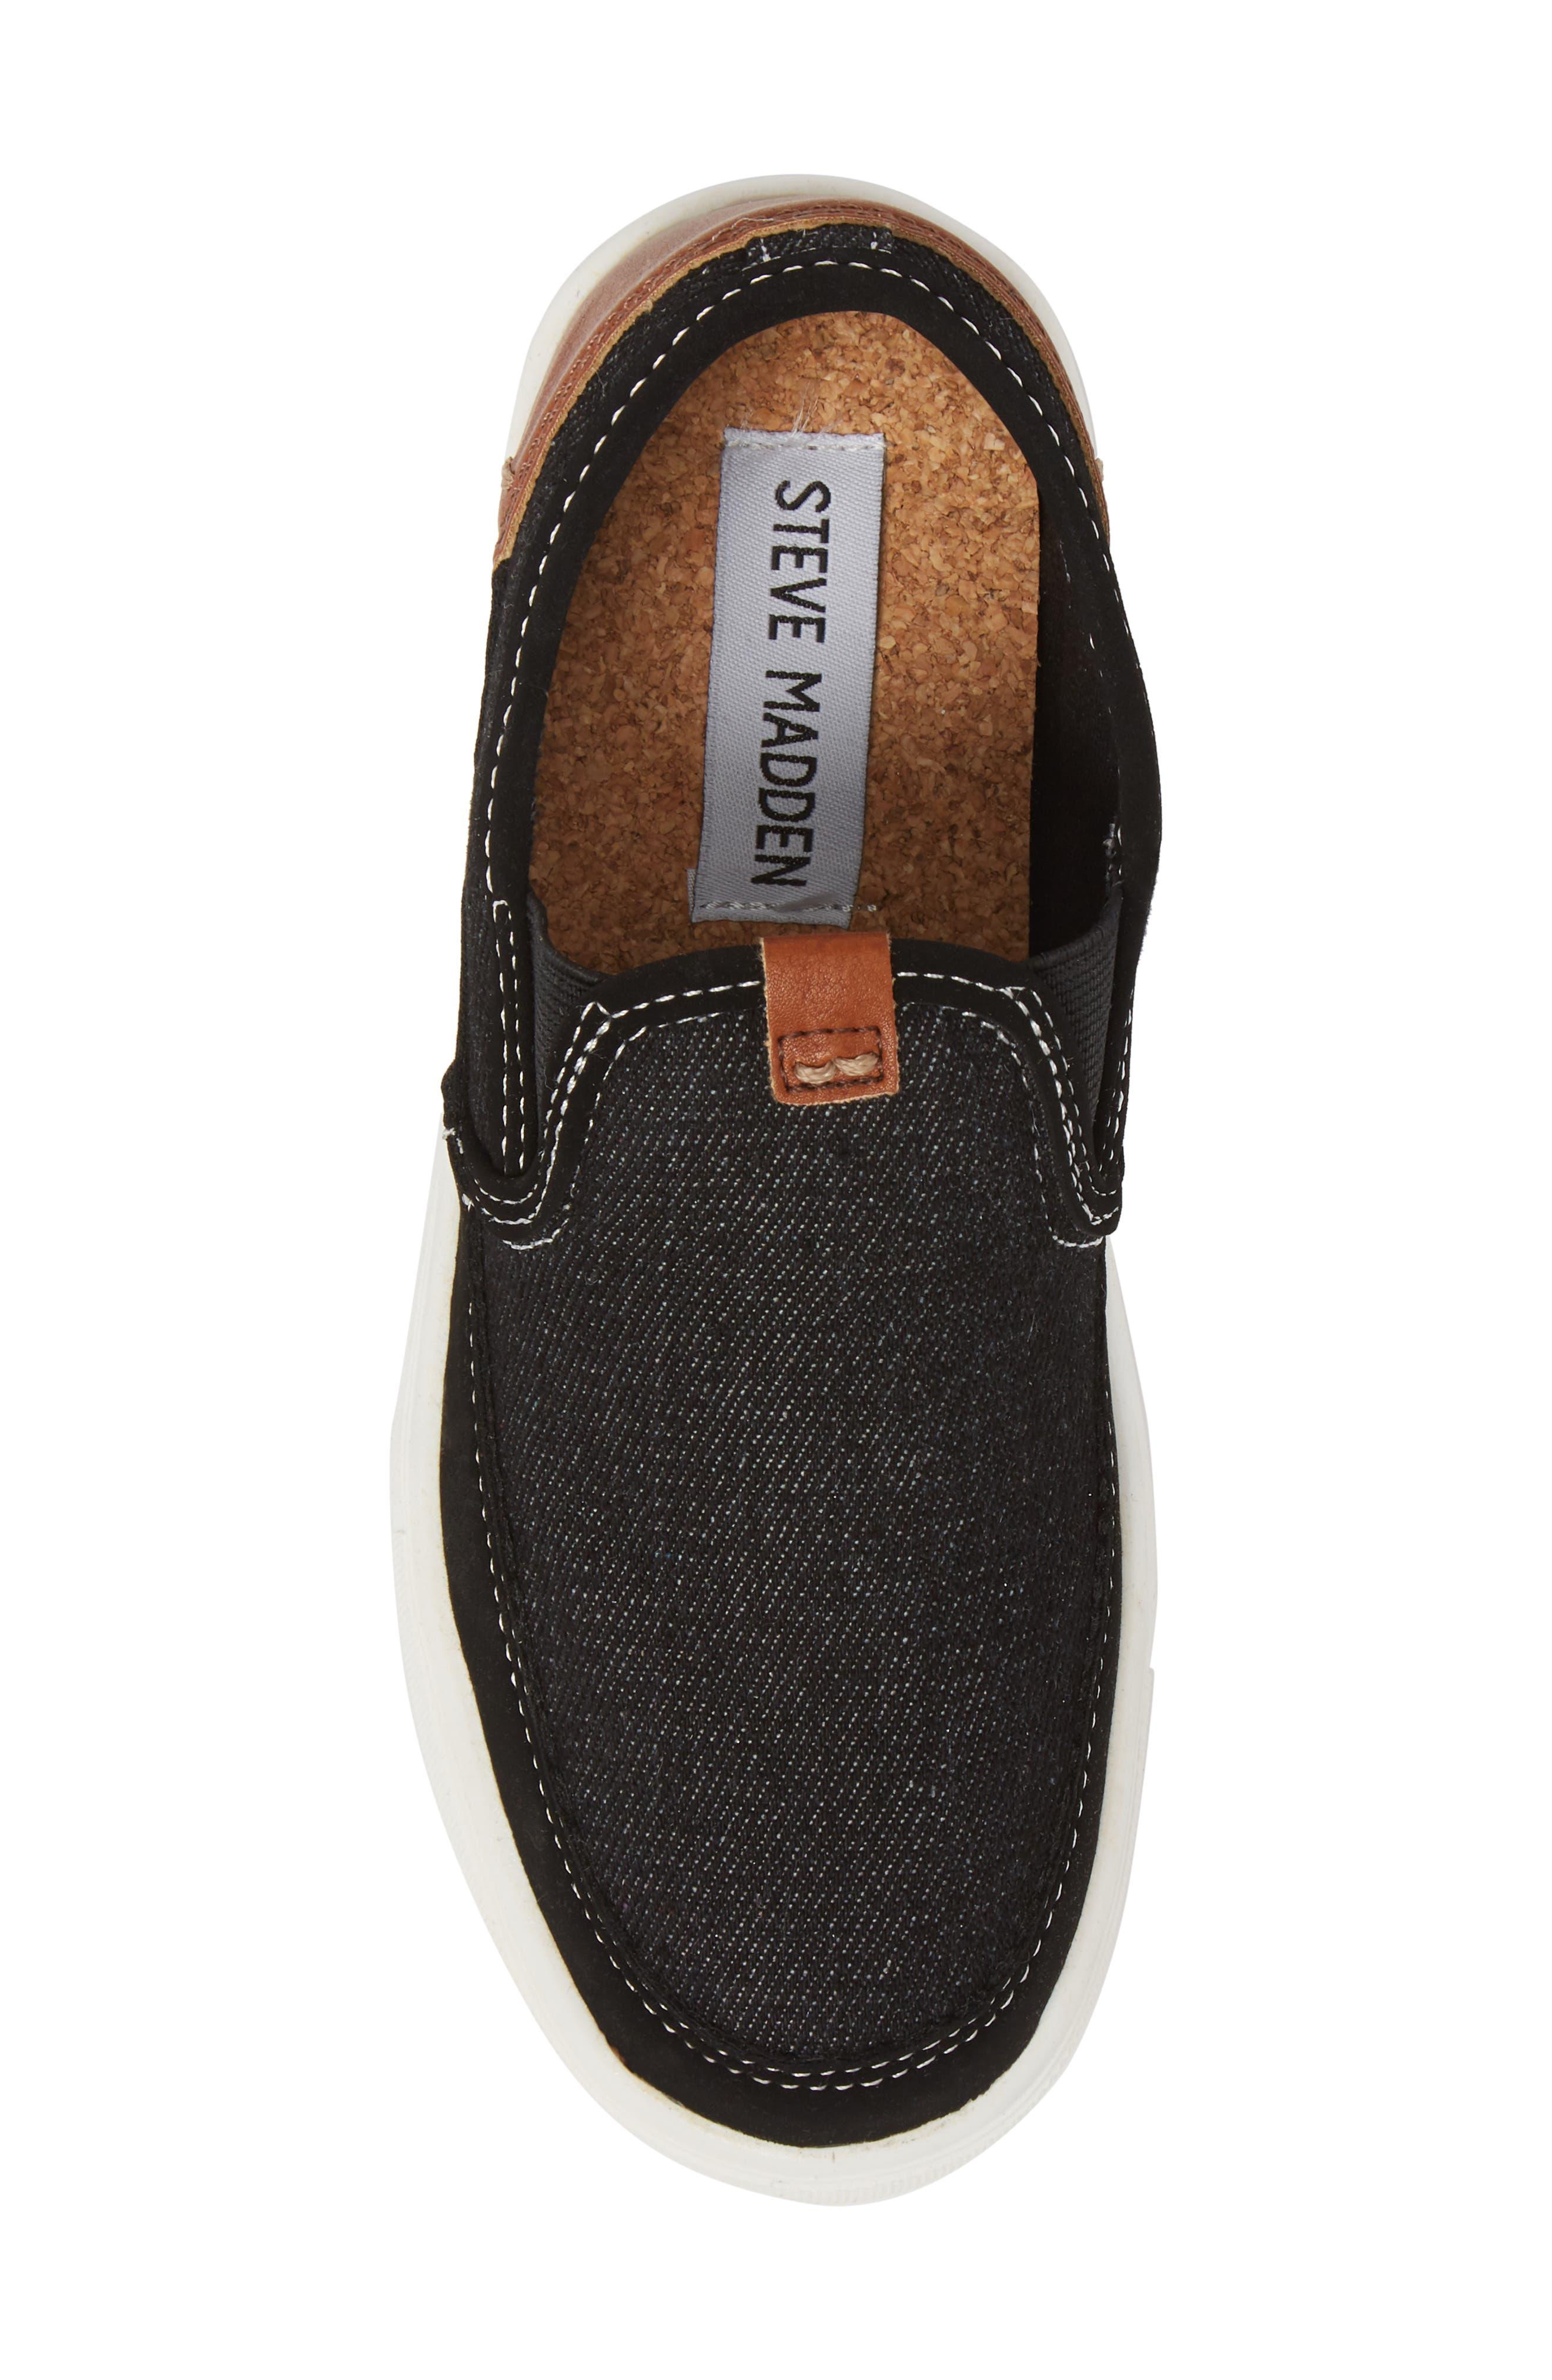 Bfoleeo Slip-On Sneaker,                             Alternate thumbnail 5, color,                             Black